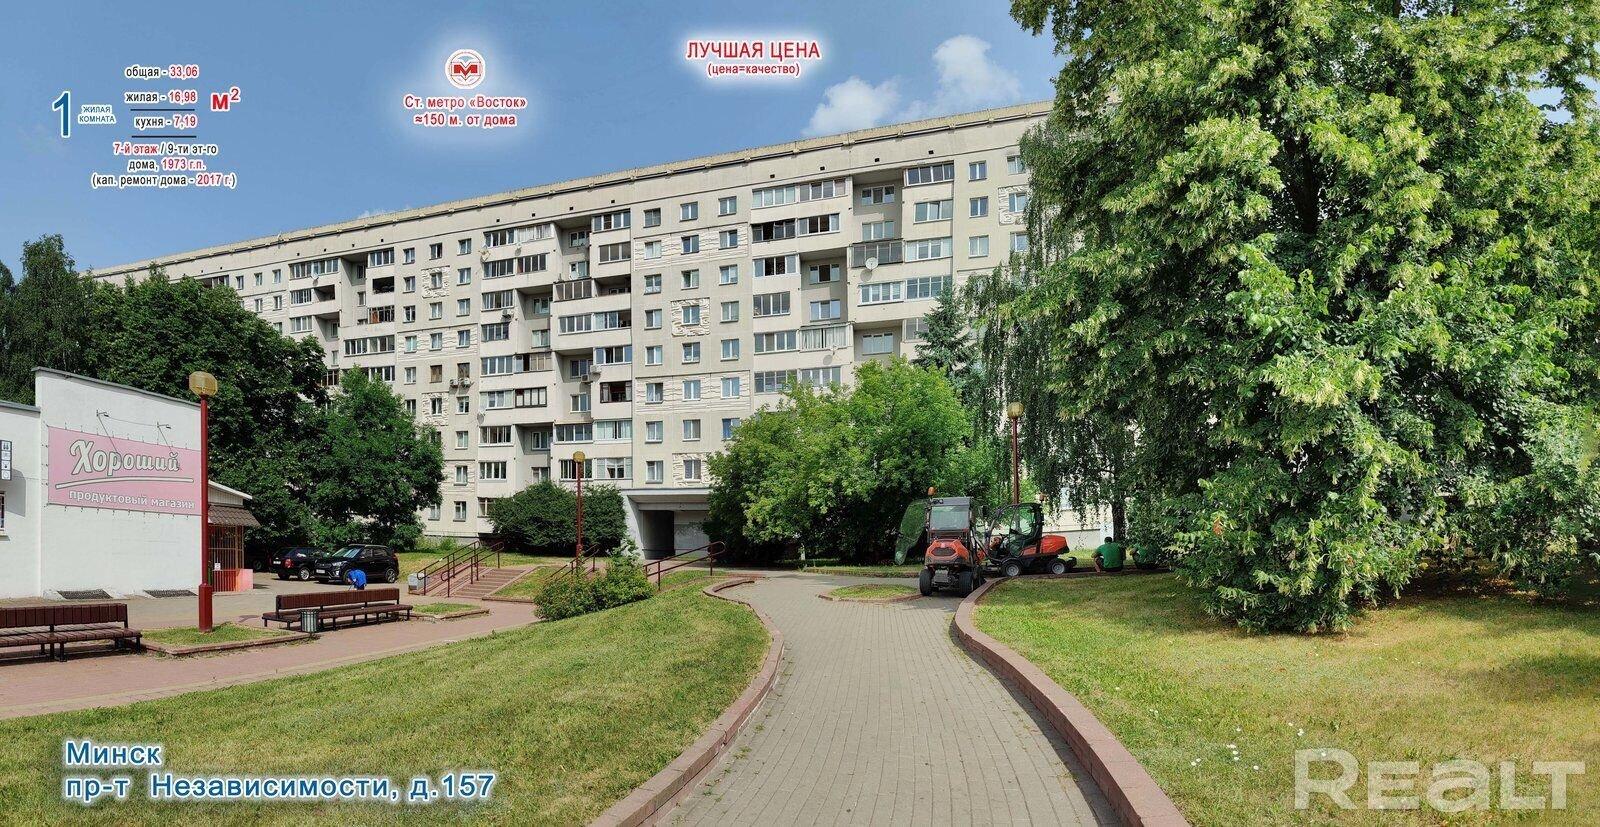 Продажа 1 комнатной квартиры в г. Минске, просп. Независимости, дом 157 (р-н Макаенка). Цена 123 760 руб